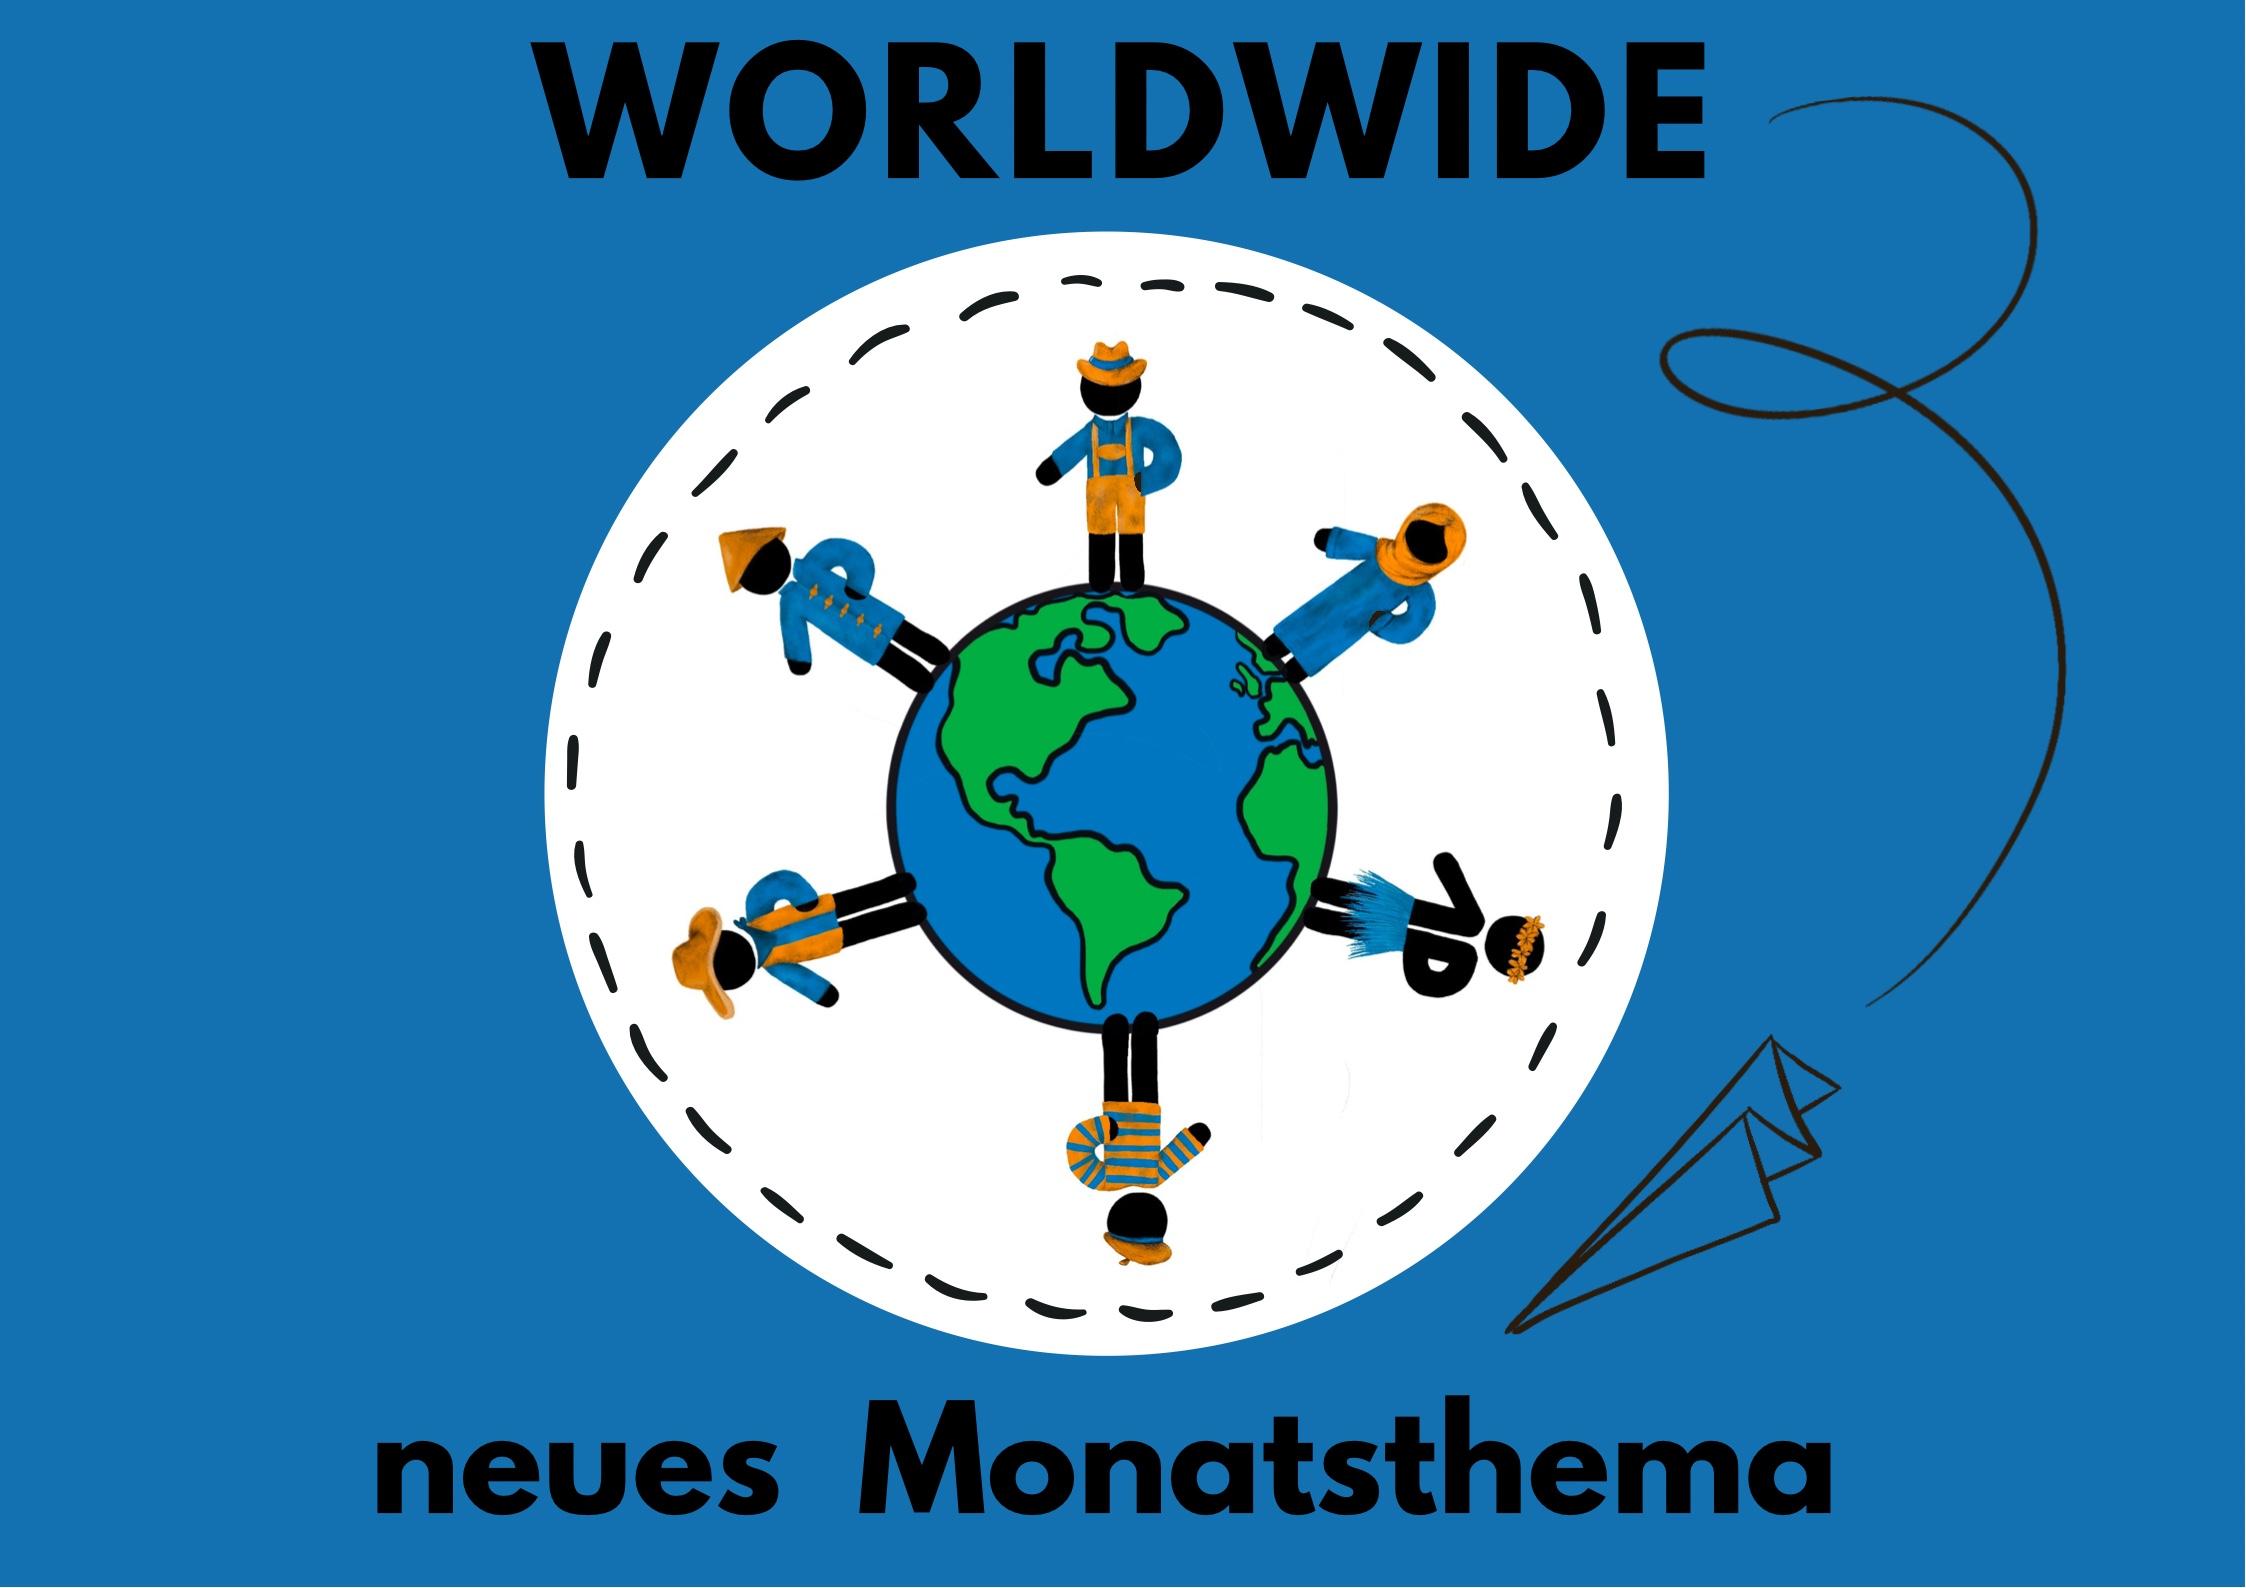 """""""Worldwide""""- Das erwartet euch!"""